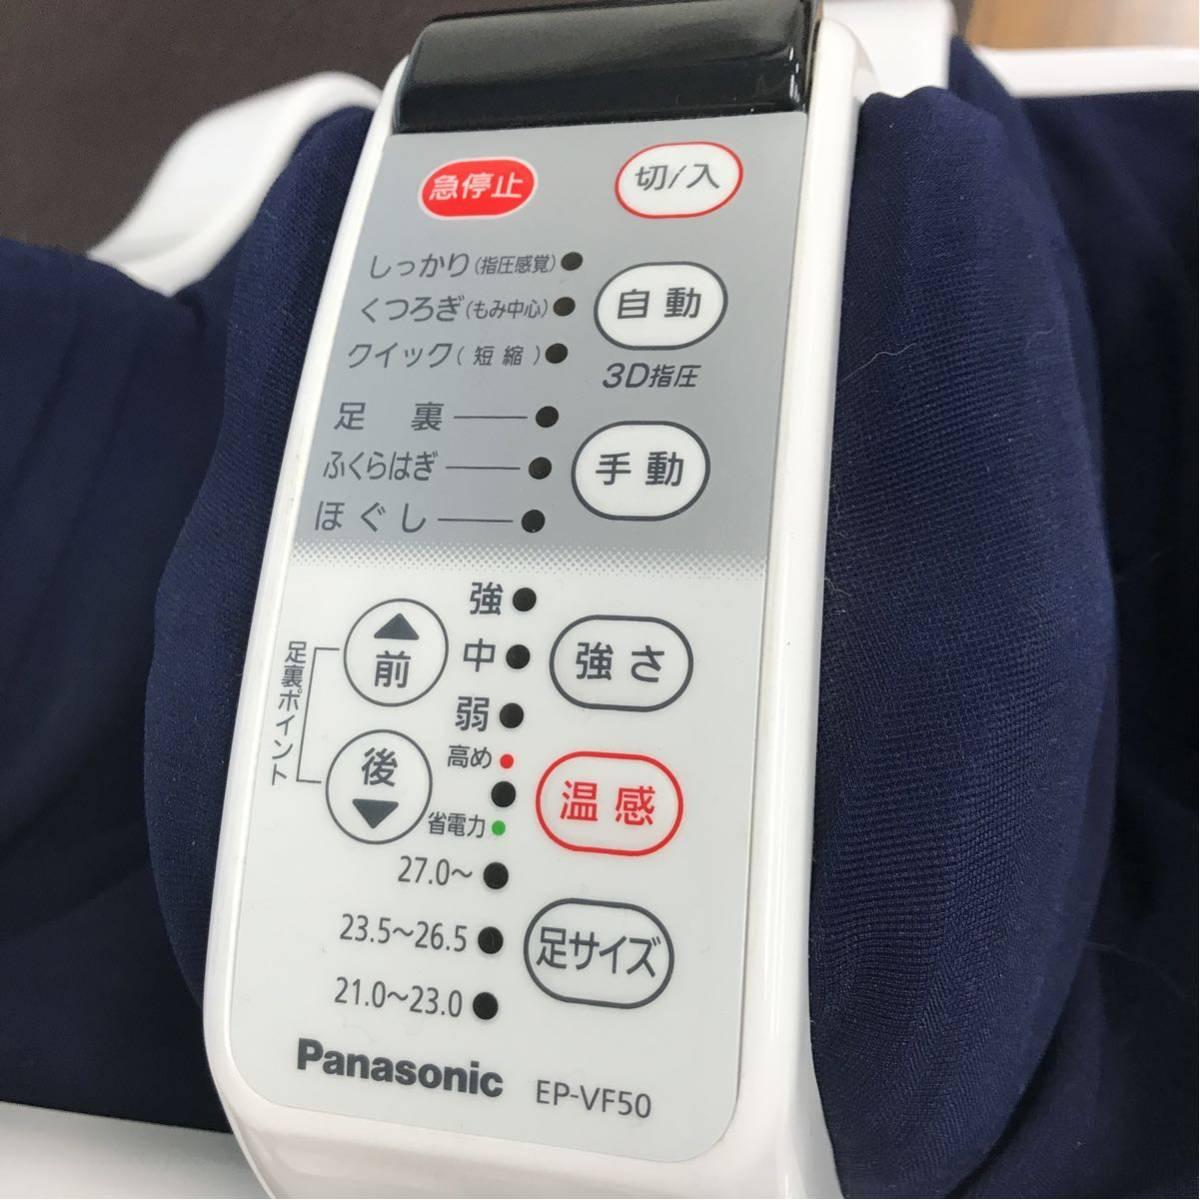 1円~ 中古品 Panasonic パナソニック 家庭用 電気フットマッサージャー EP-VF50 ホワイト_画像6